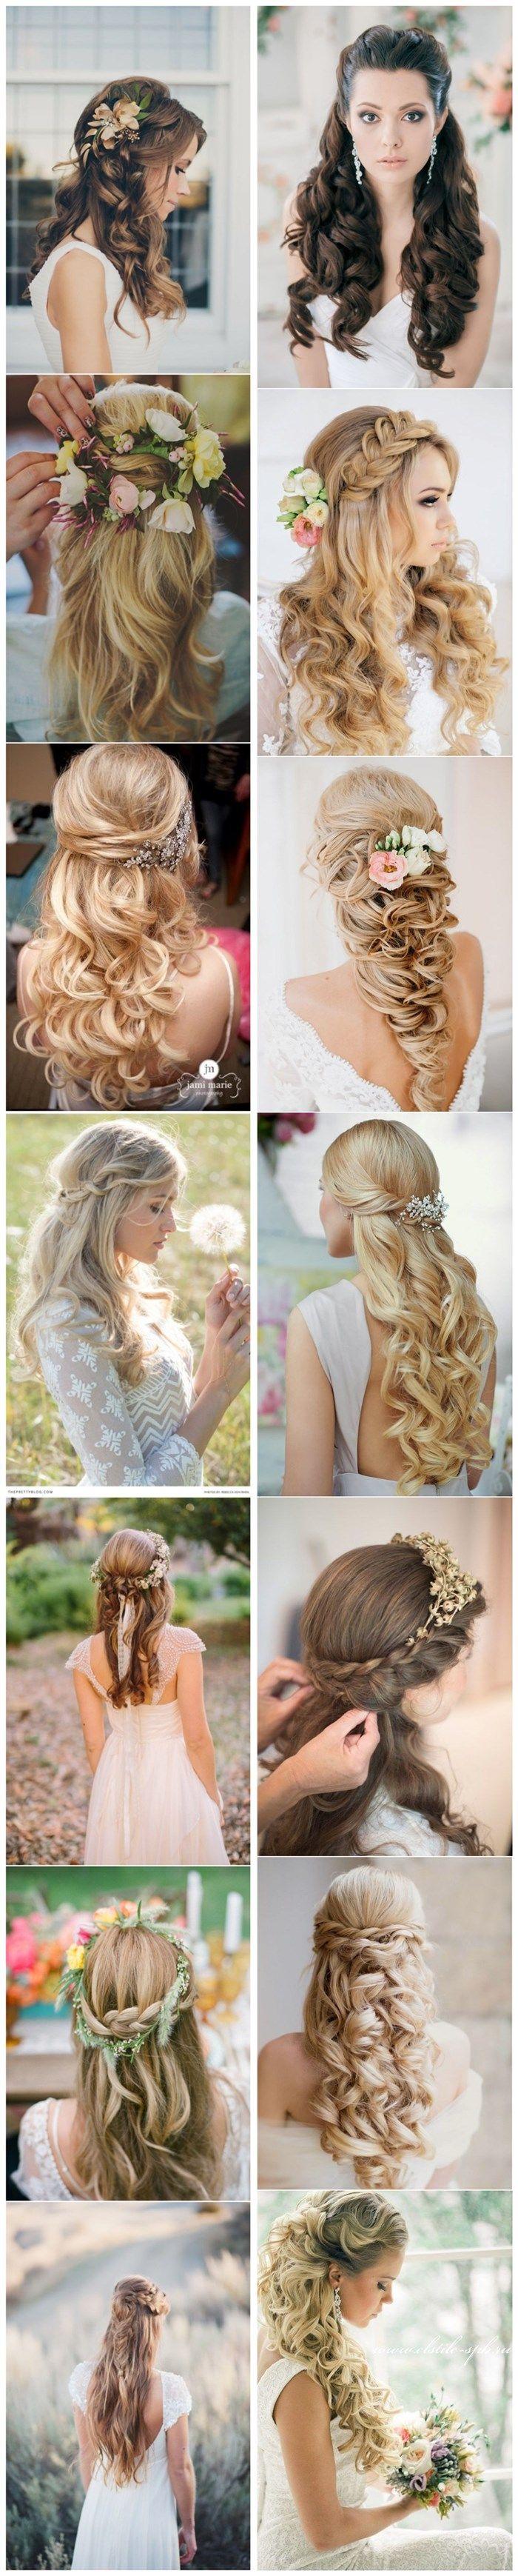 40 half up half down wedding hairstyles / www.deerpearlflow...